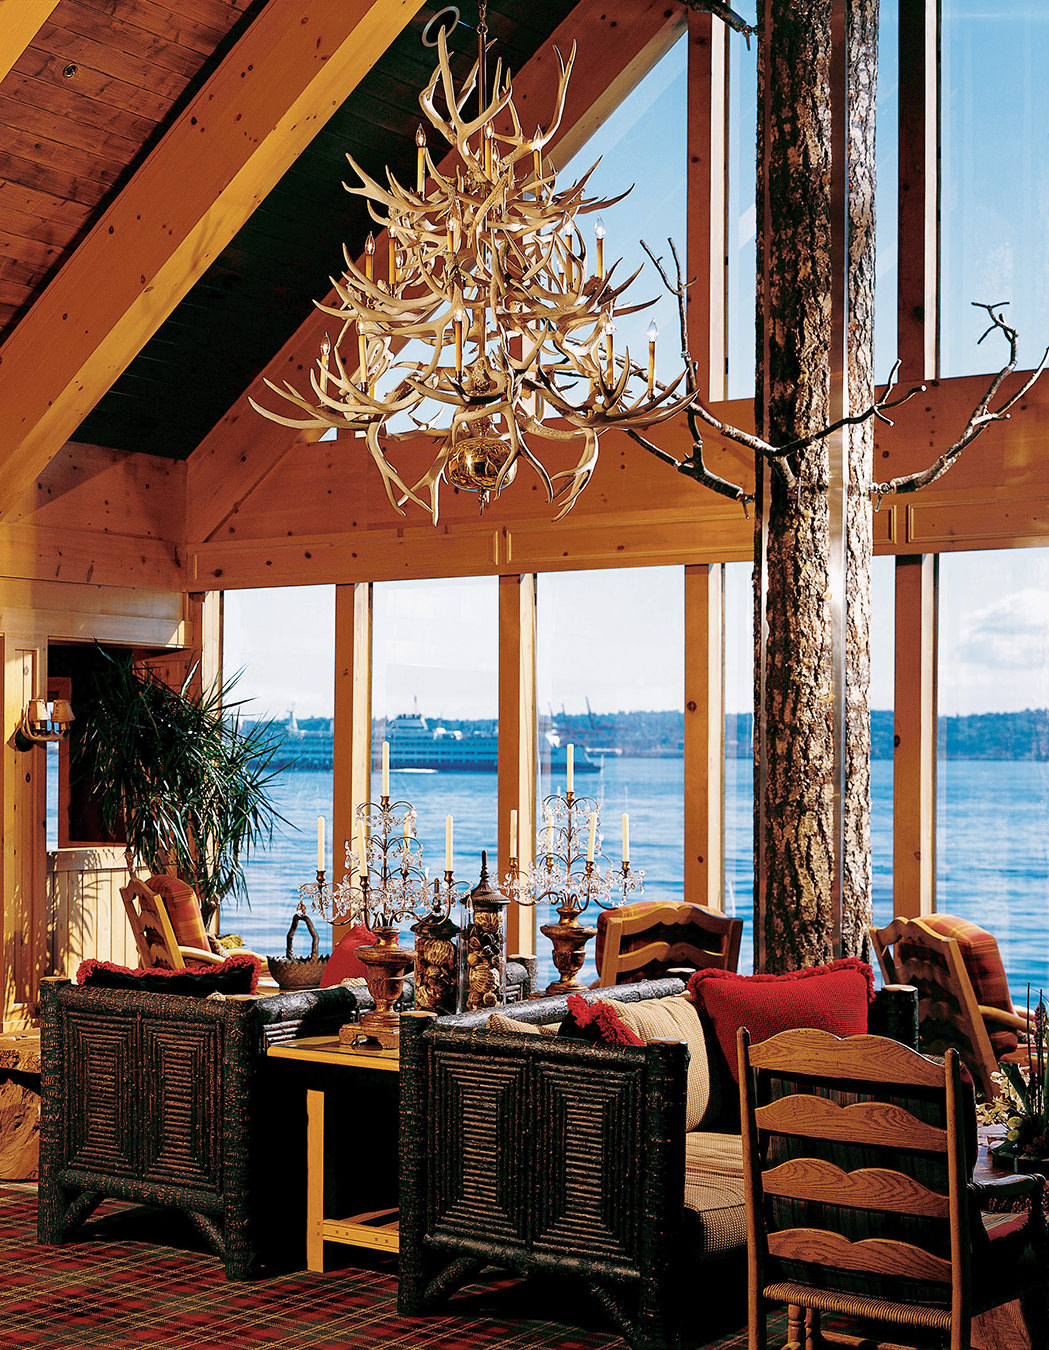 NUVO Magazine: The Edgewater Hotel